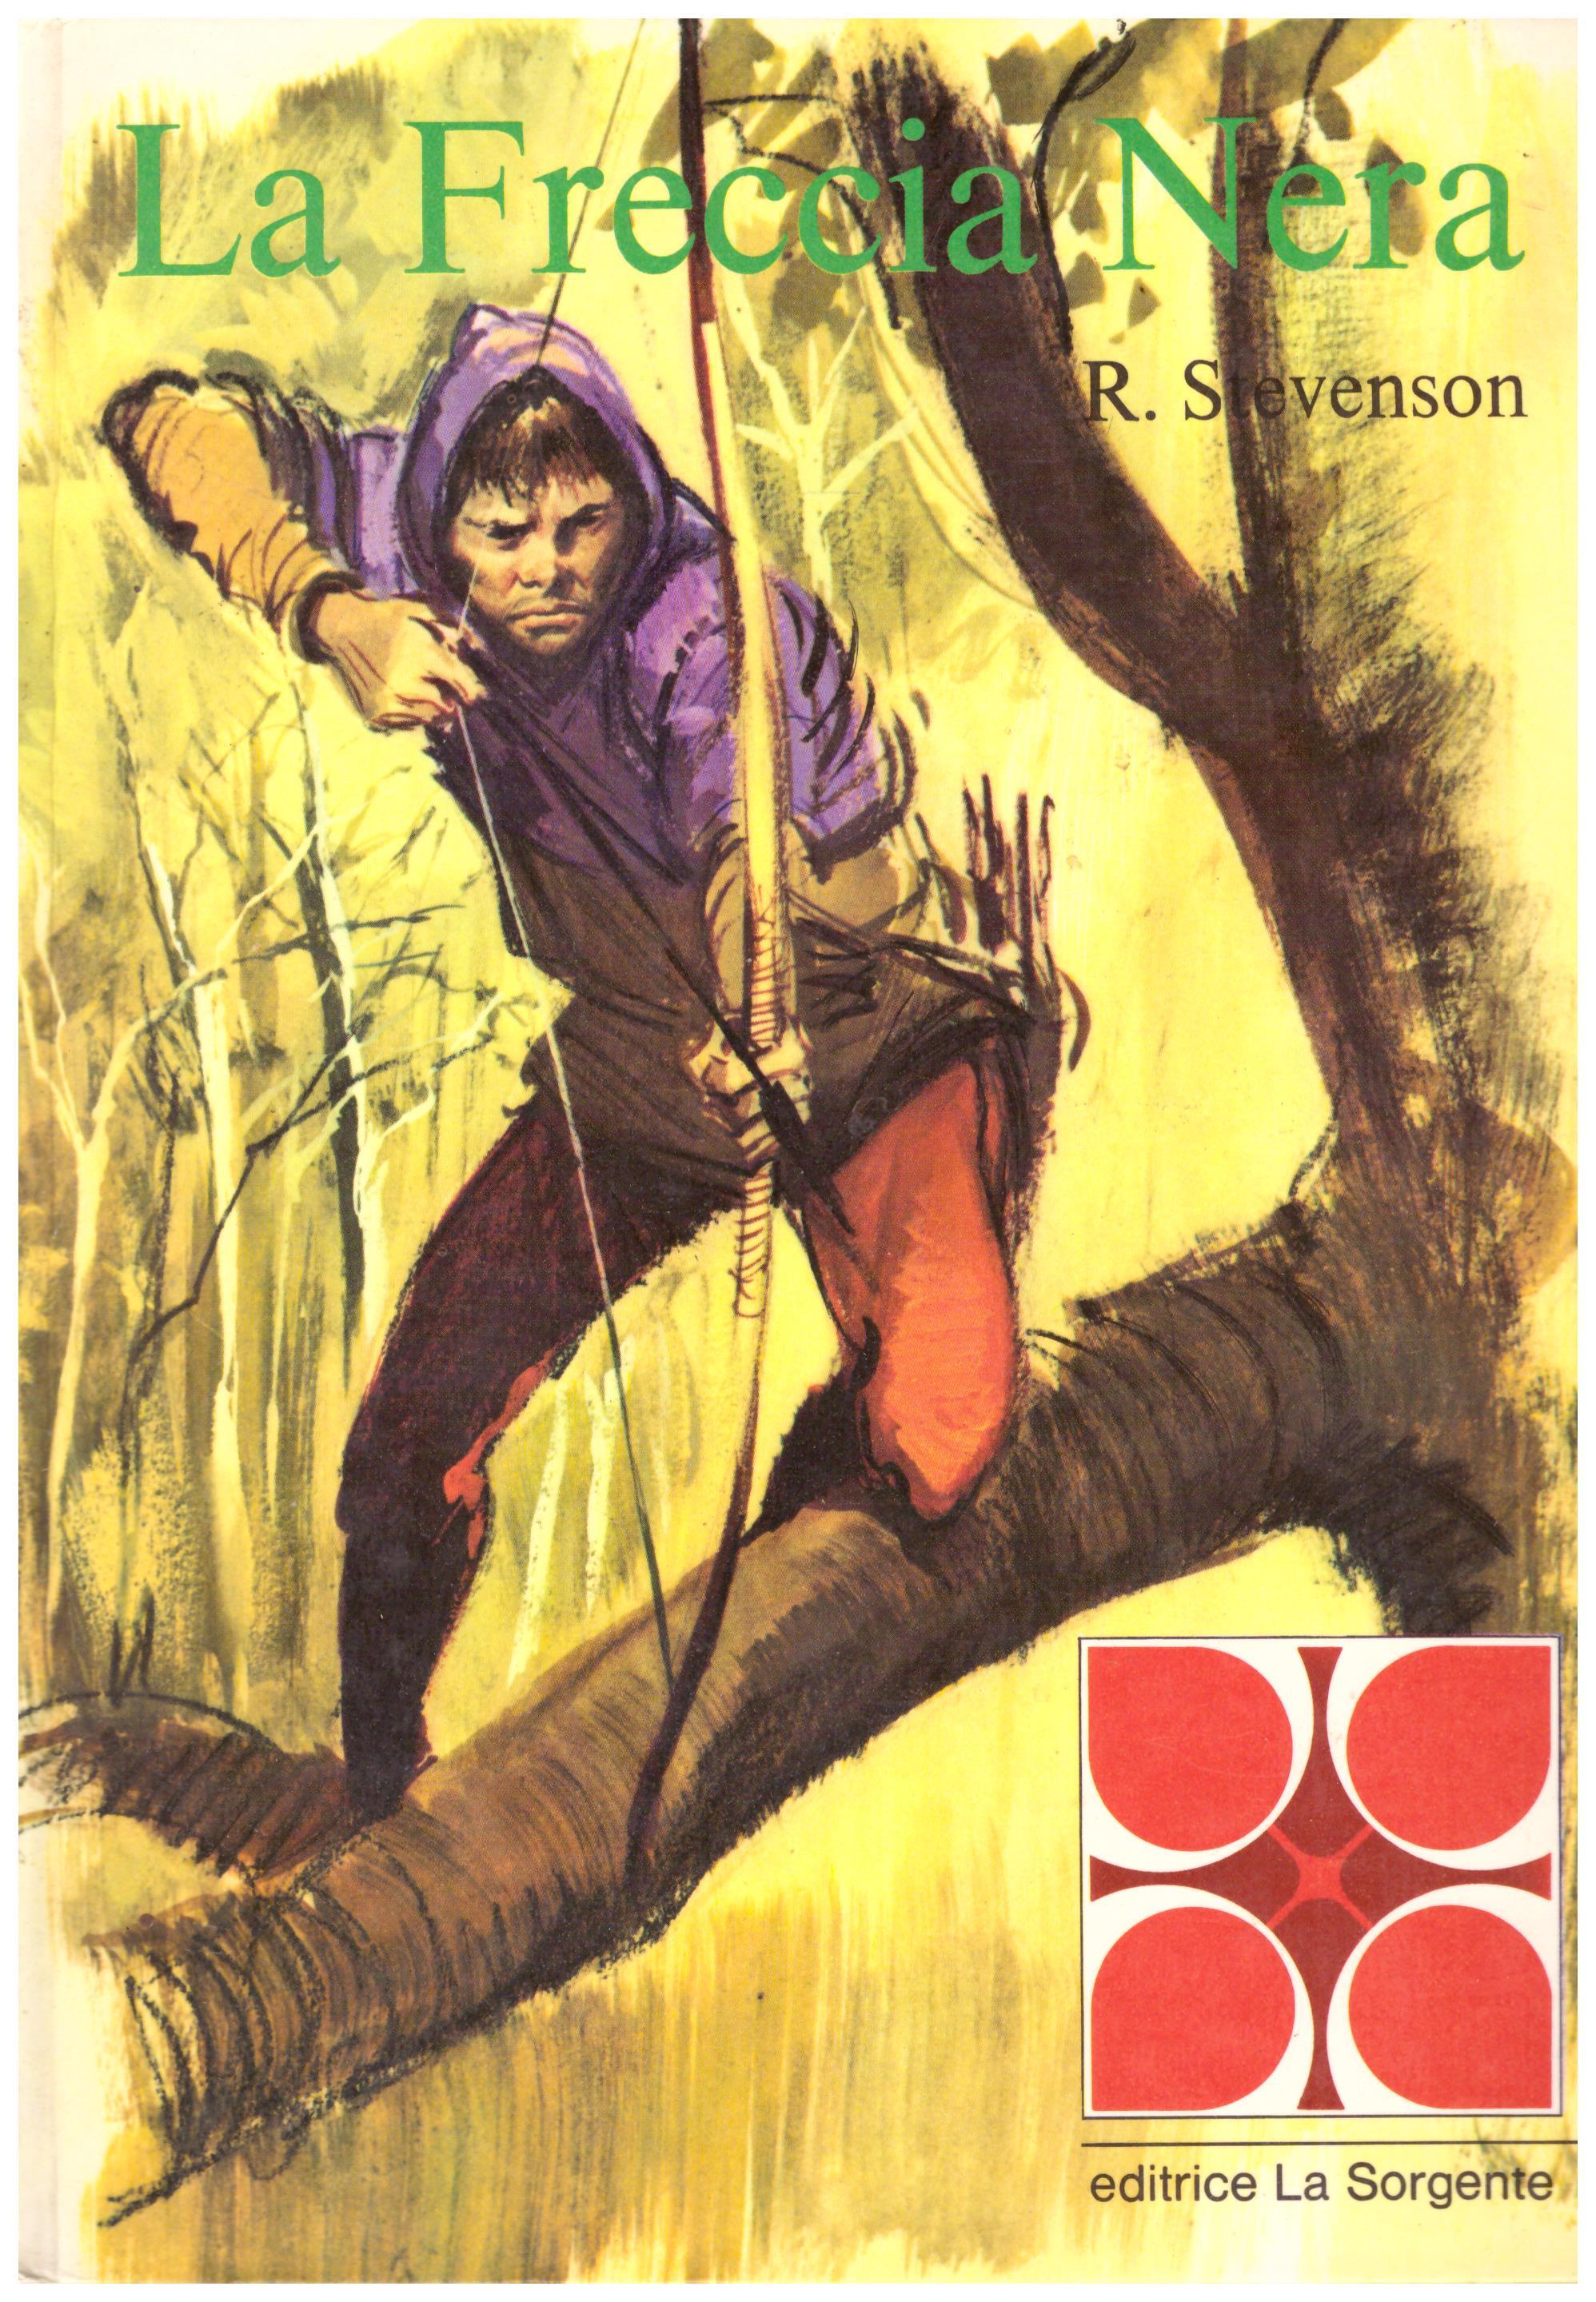 Titolo: La freccia nera Autore: R. Stevenson  Editore: La Sorgente, 1972